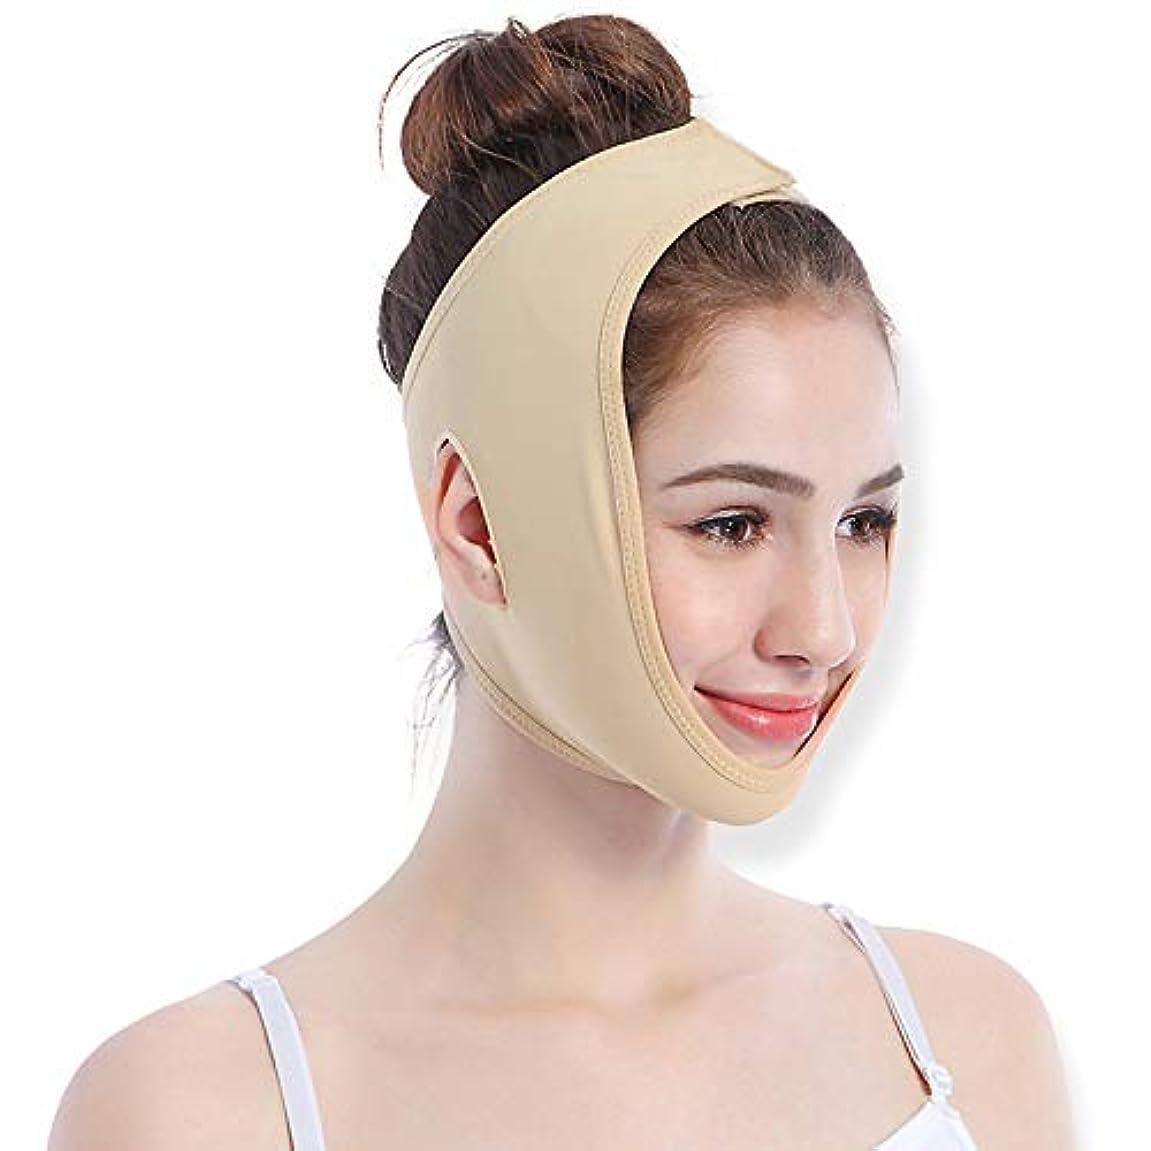 自伝スペクトラム病者顔の重量損失通気性顔マスク睡眠 V 顔マスク顔リフティング包帯リフティング引き締めフェイスリフティングユニセックス,S